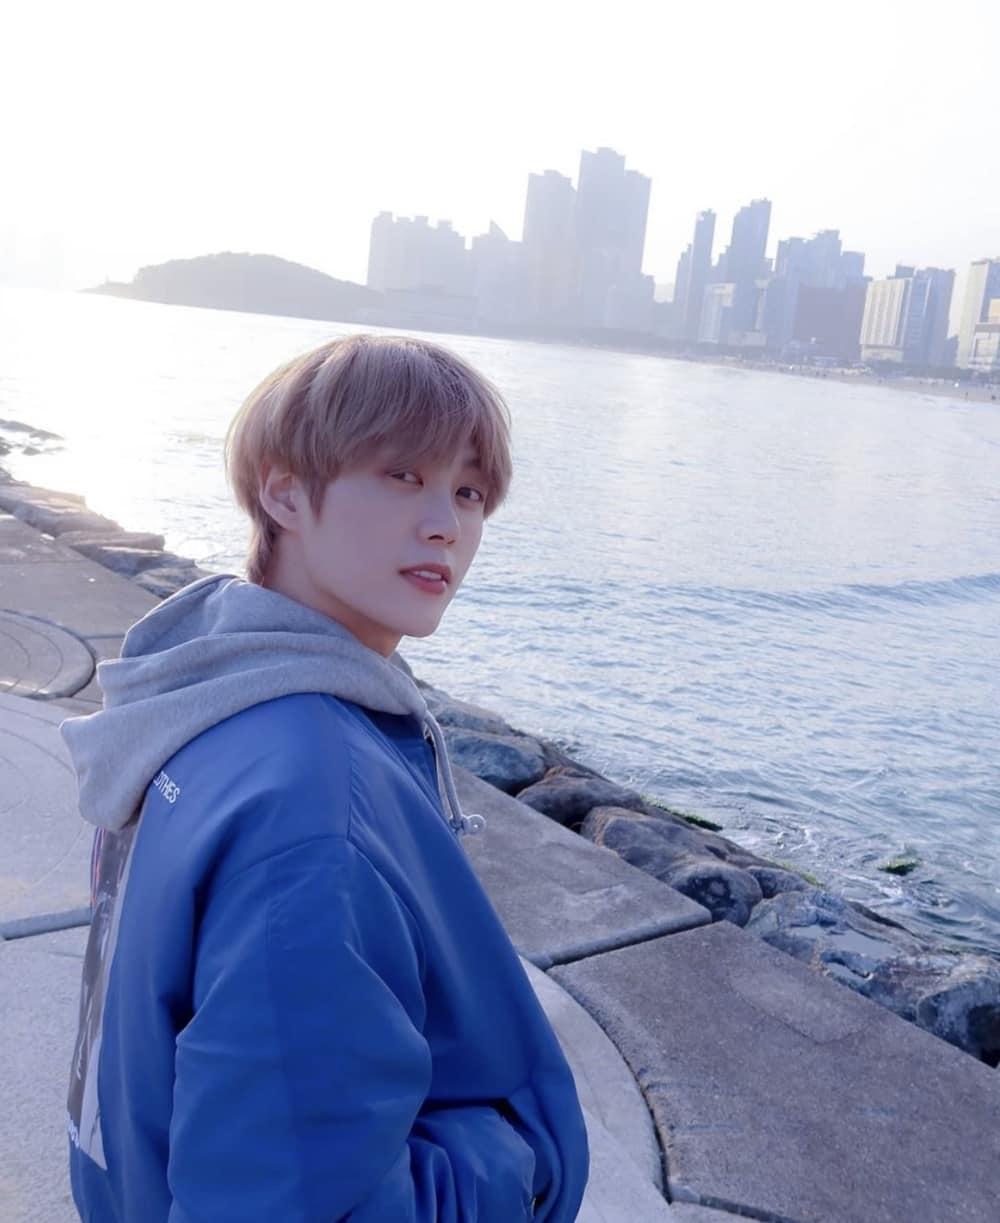 Yohan TST Meninggal, Kpop Kembali Berduka